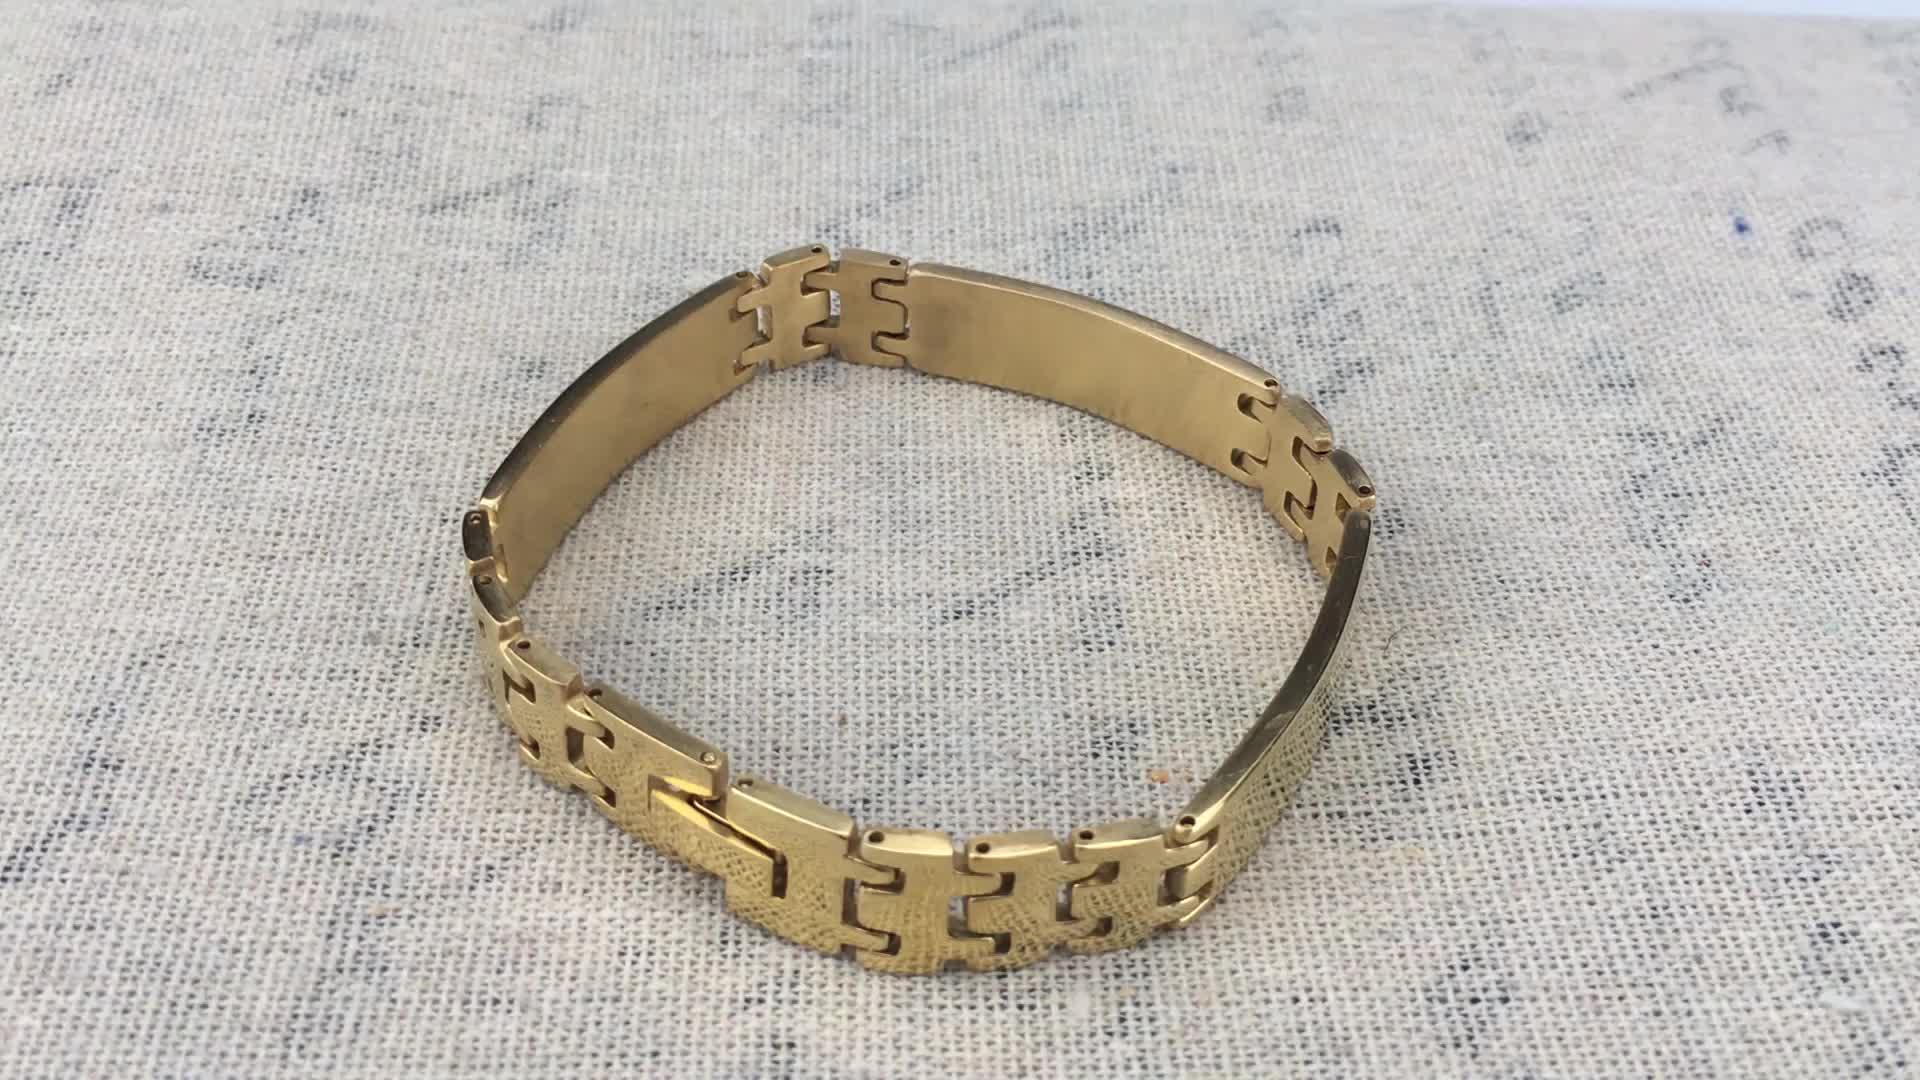 ステンレス鋼メンズ腕時計チェーンチェーンリンクブレスレット